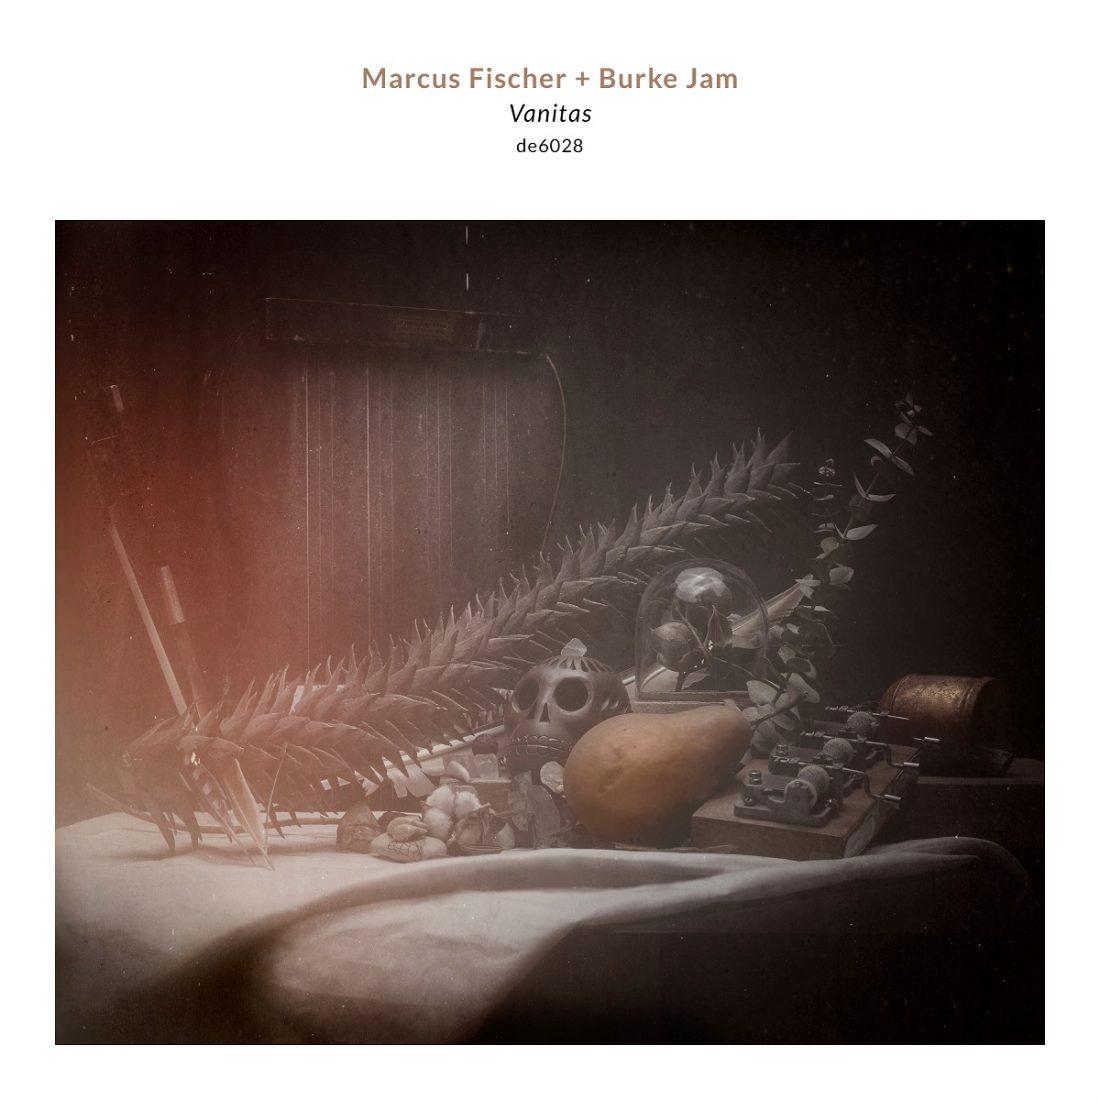 Michael Begg * Marcus Fischer/Burke Jam – Ambientblog